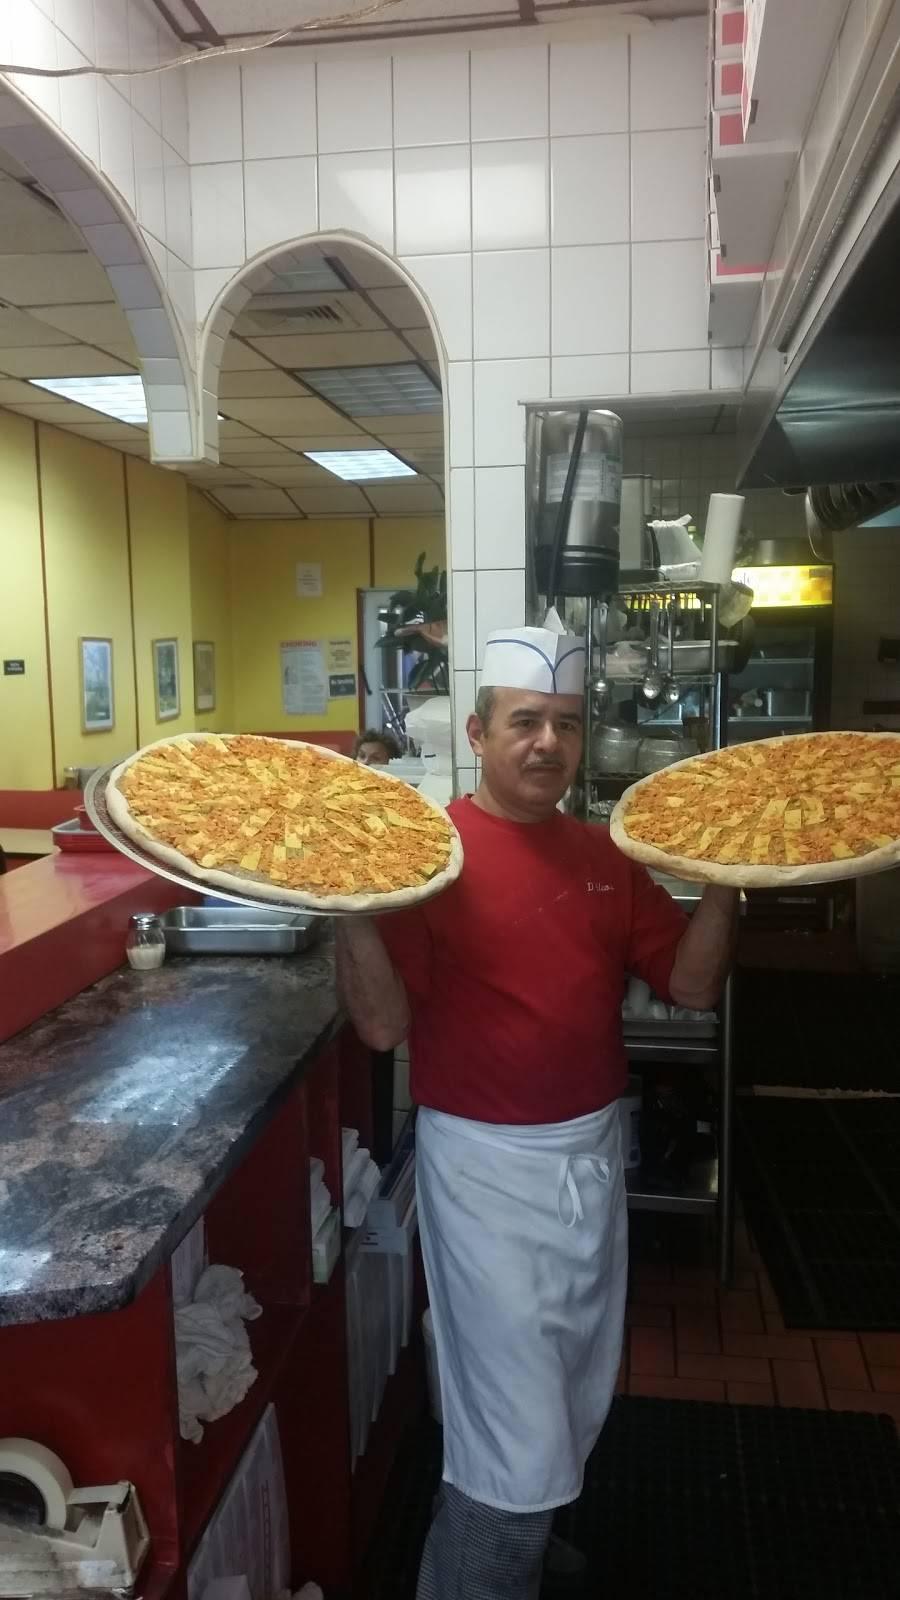 DAleos Pizzeria   restaurant   90-10 Jamaica Ave, Jamaica, NY 11421, USA   7188499300 OR +1 718-849-9300